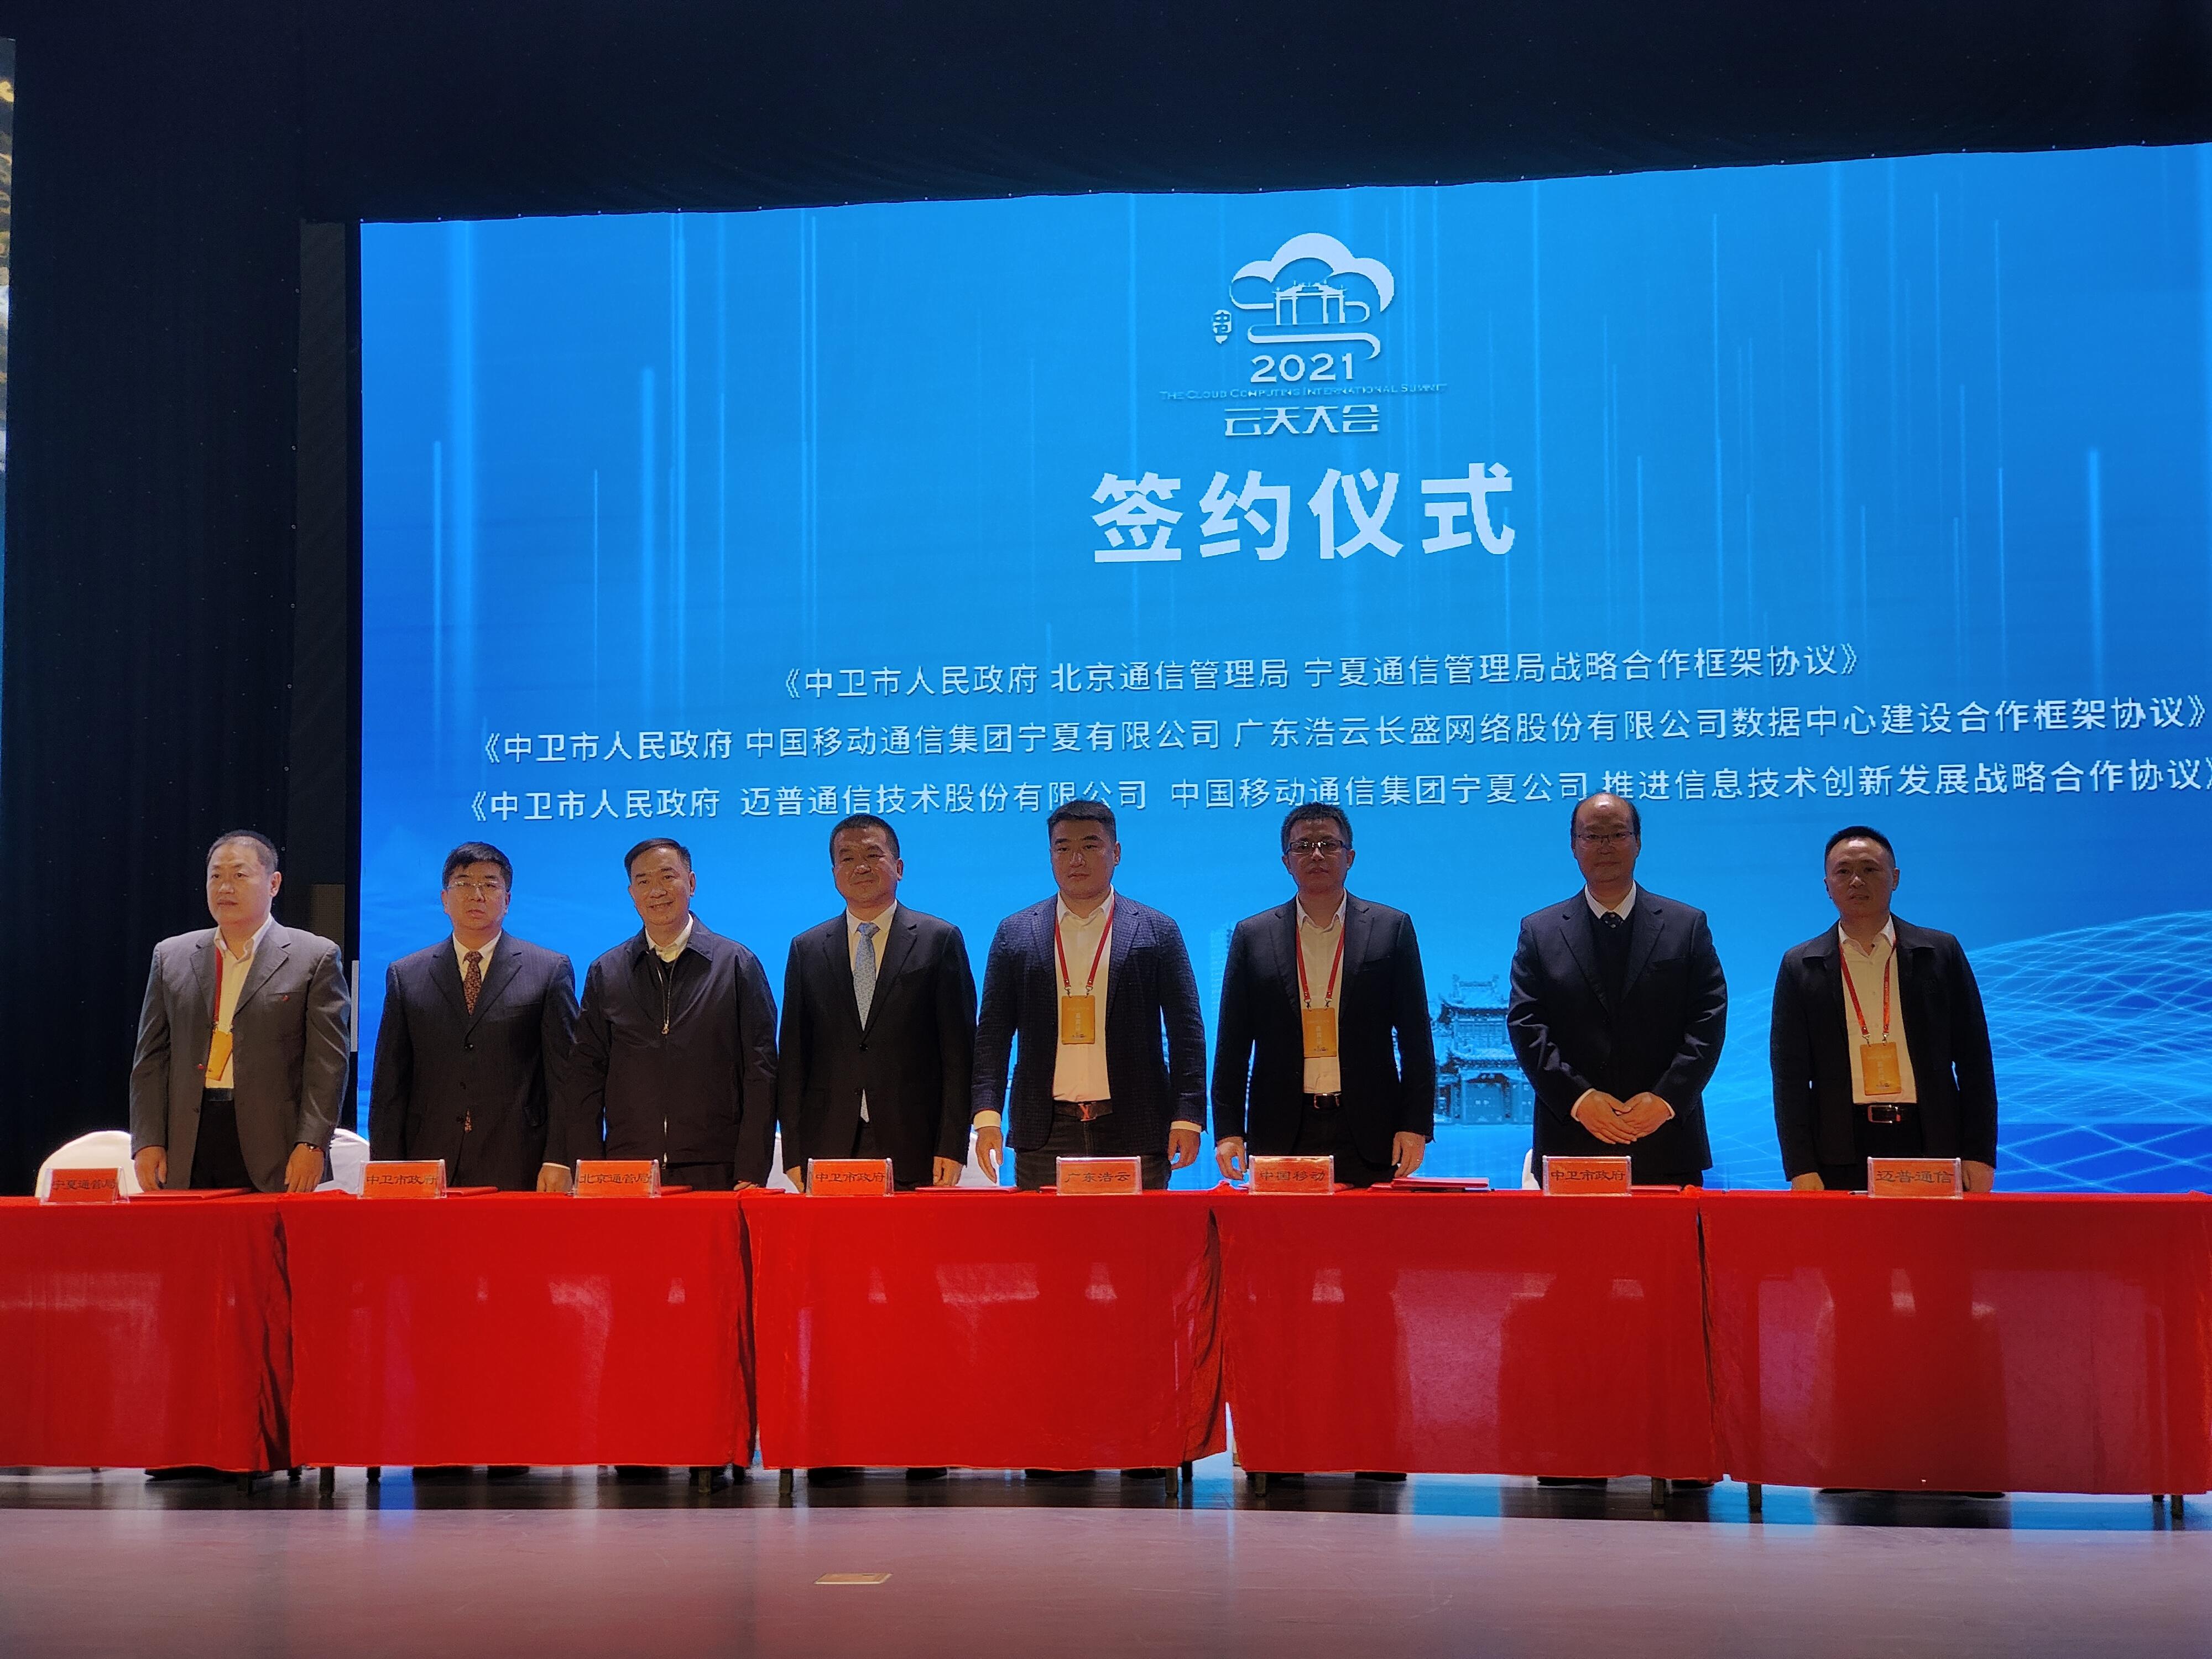 喜讯 | 2021云天大会隆重召开 浩云长盛集团与中卫政府、宁夏移动达成战略合作